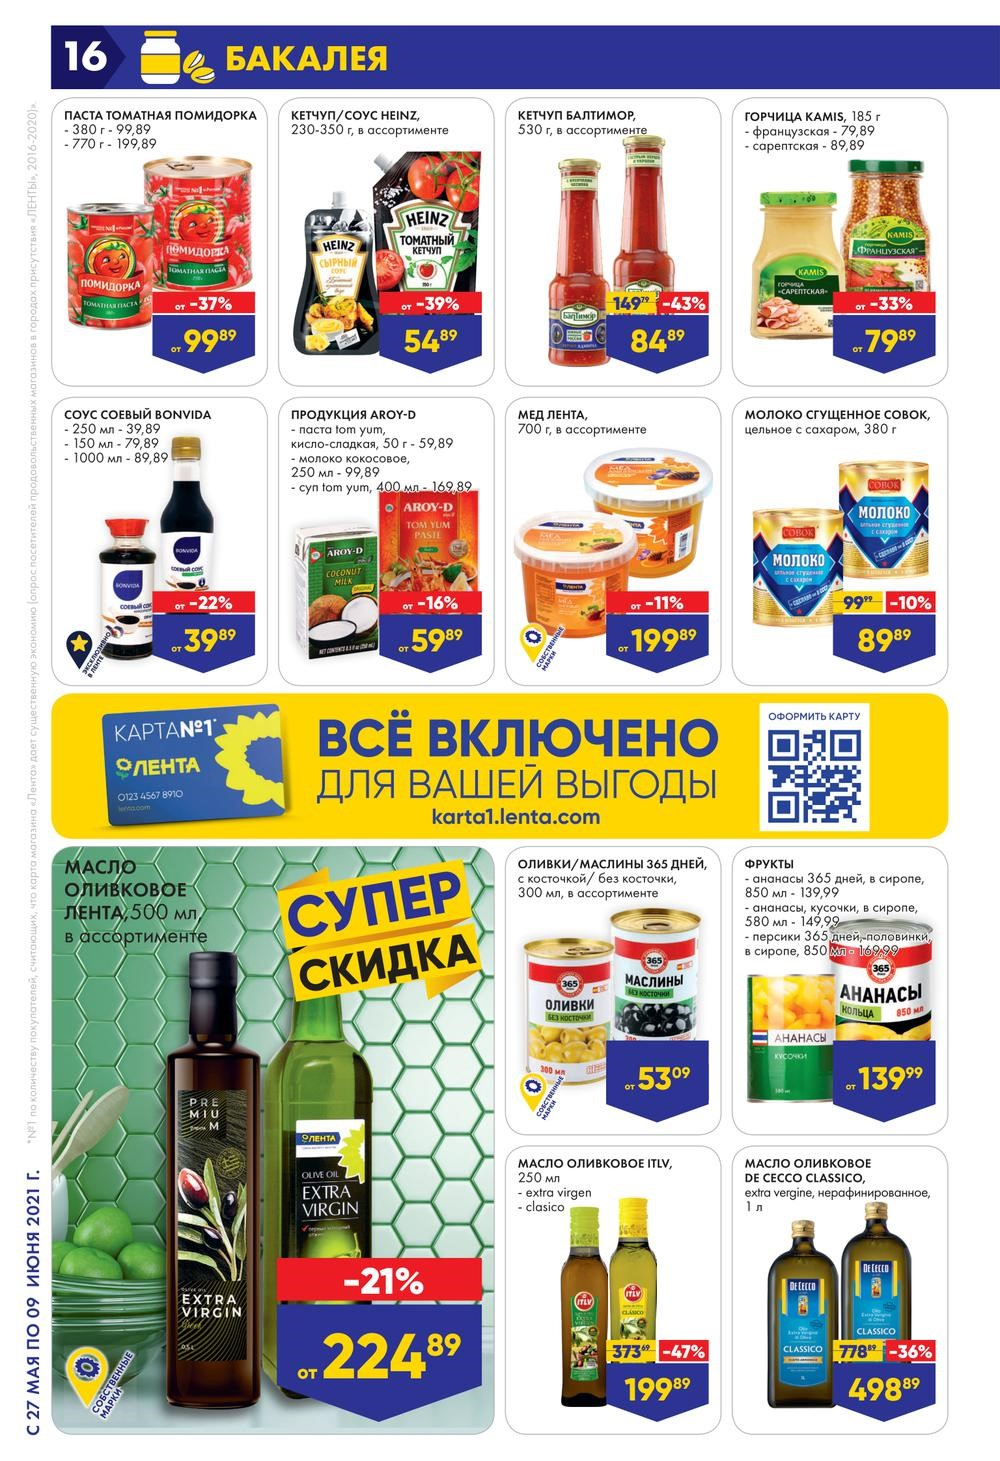 Гипермаркет. Каталог новых акций в Ленте г. Москва